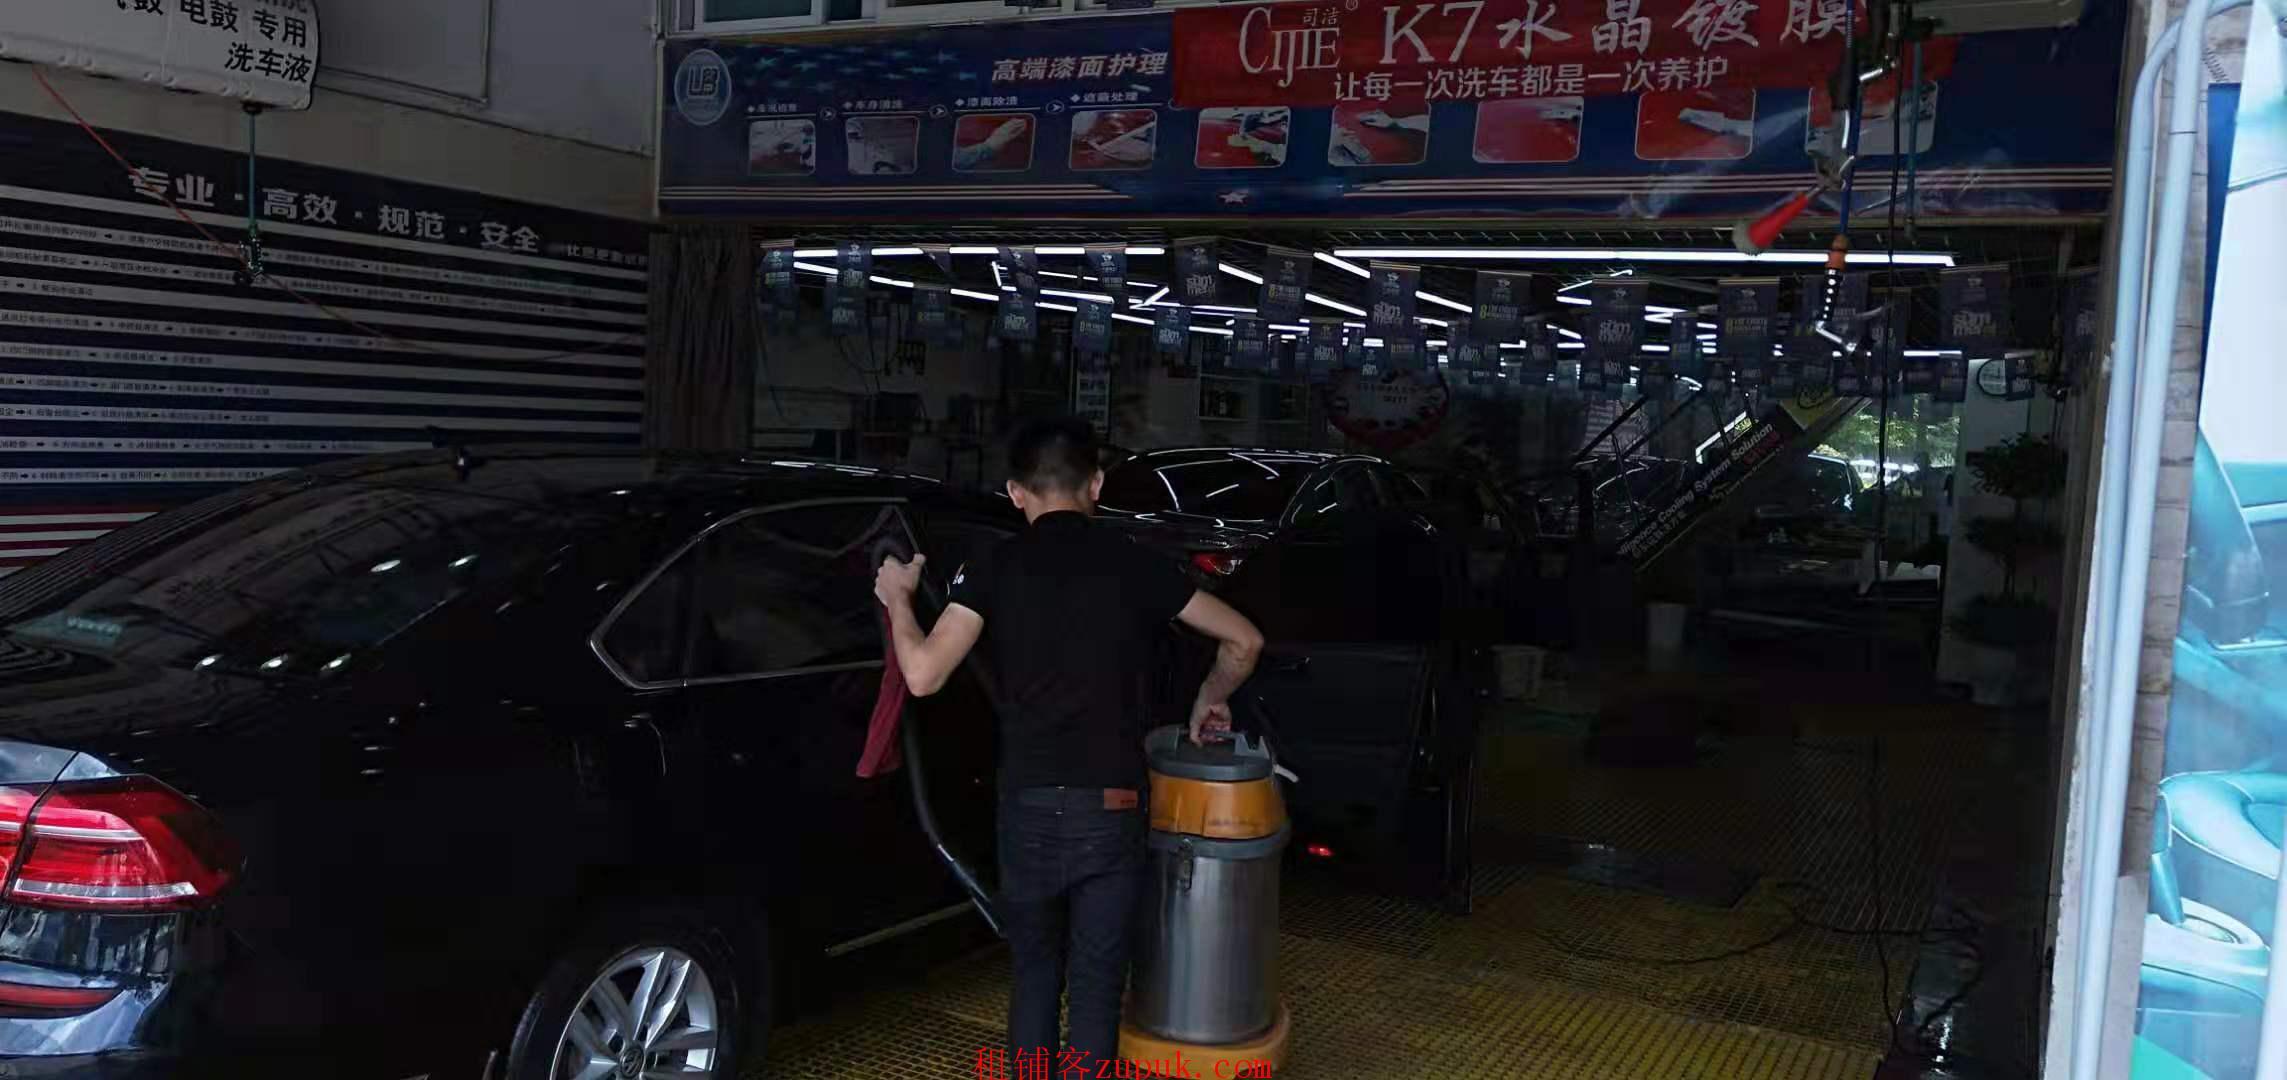 金阳中铁逸都国际汽车美容会所转让